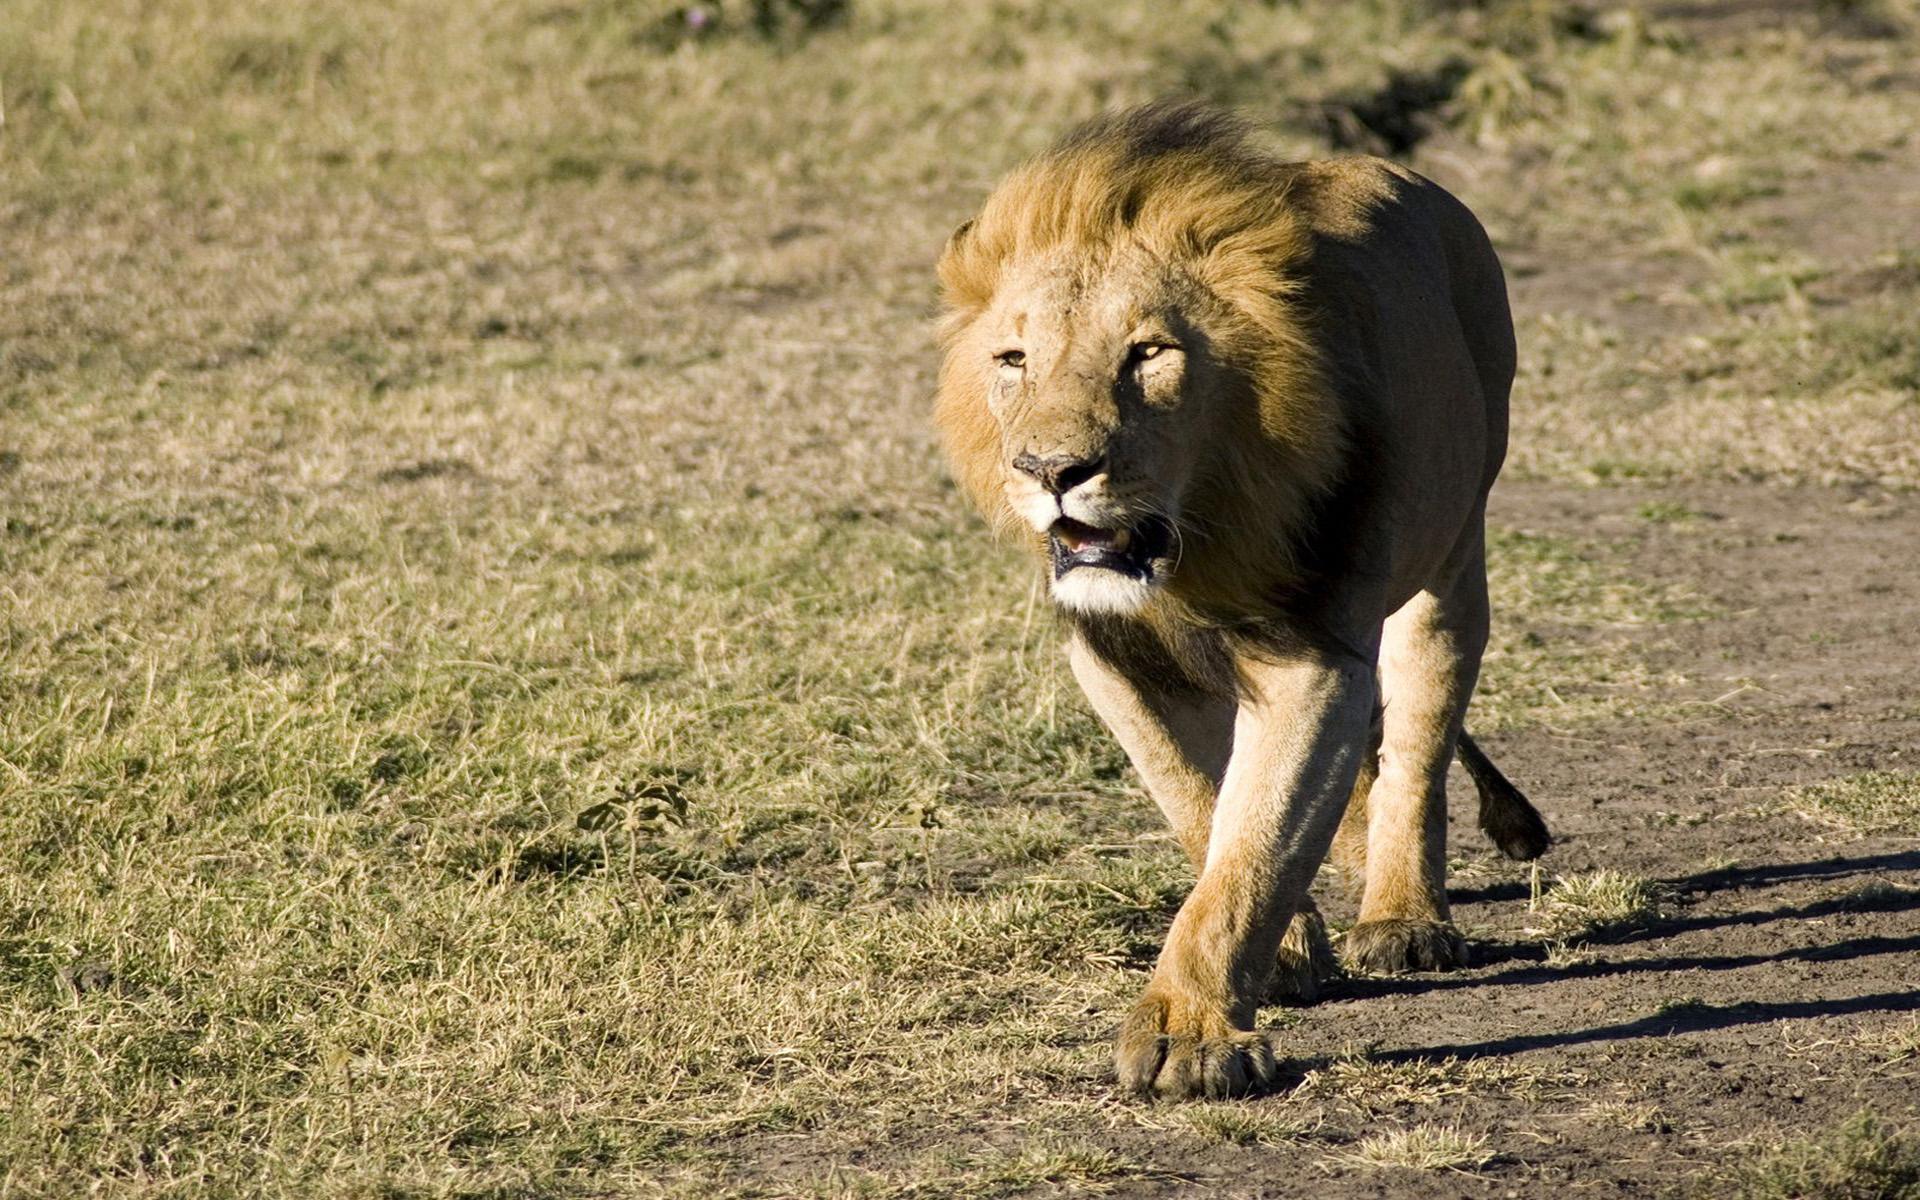 картинка идущего животного как